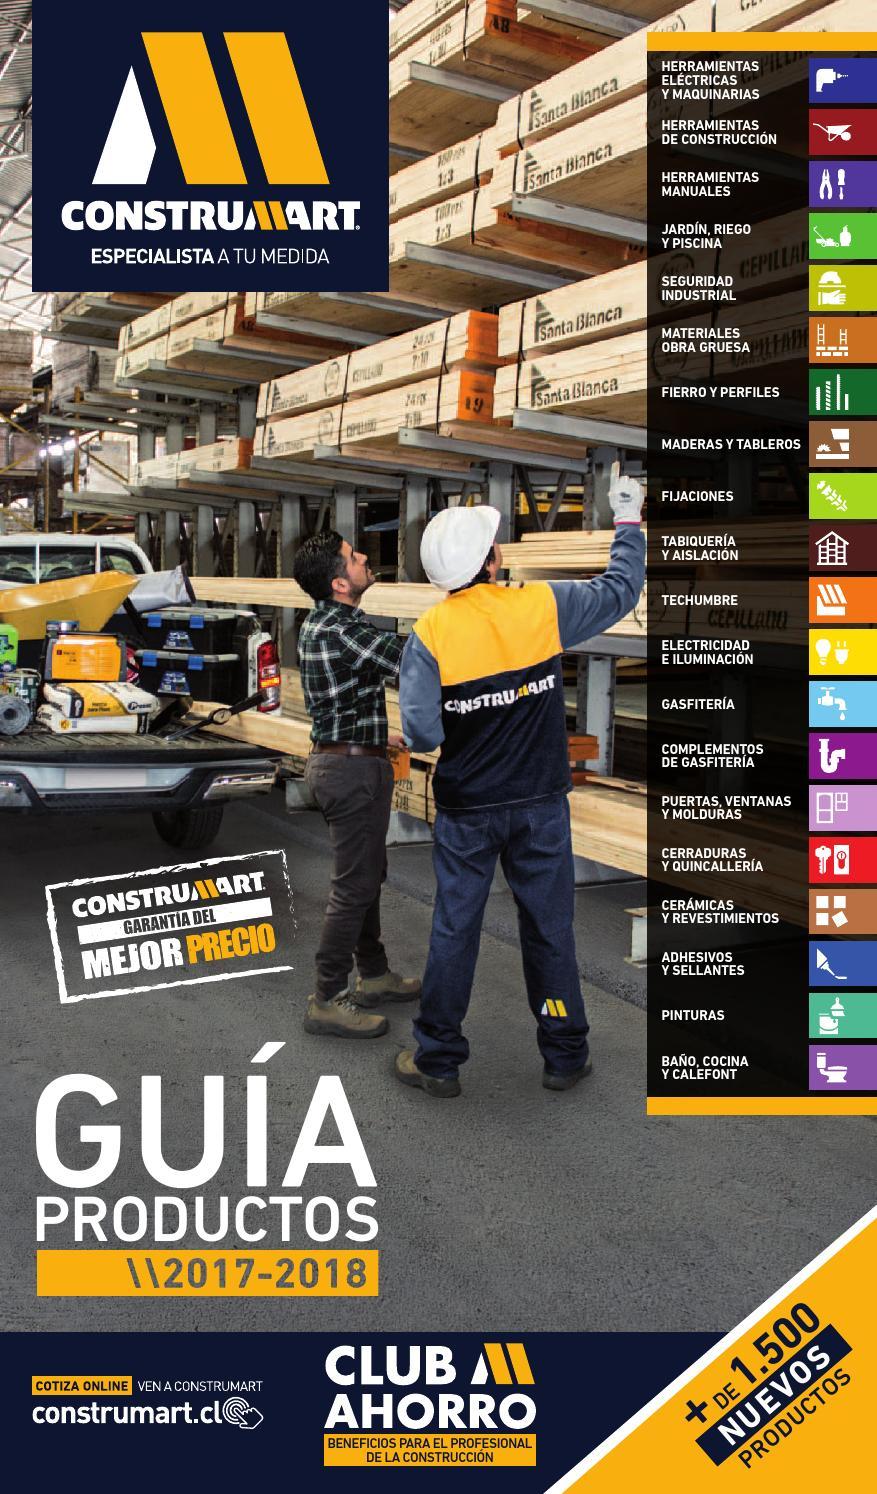 Gu a de productos 2017 2018 z1 by construmart issuu for Construccion de piscinas santiago chile